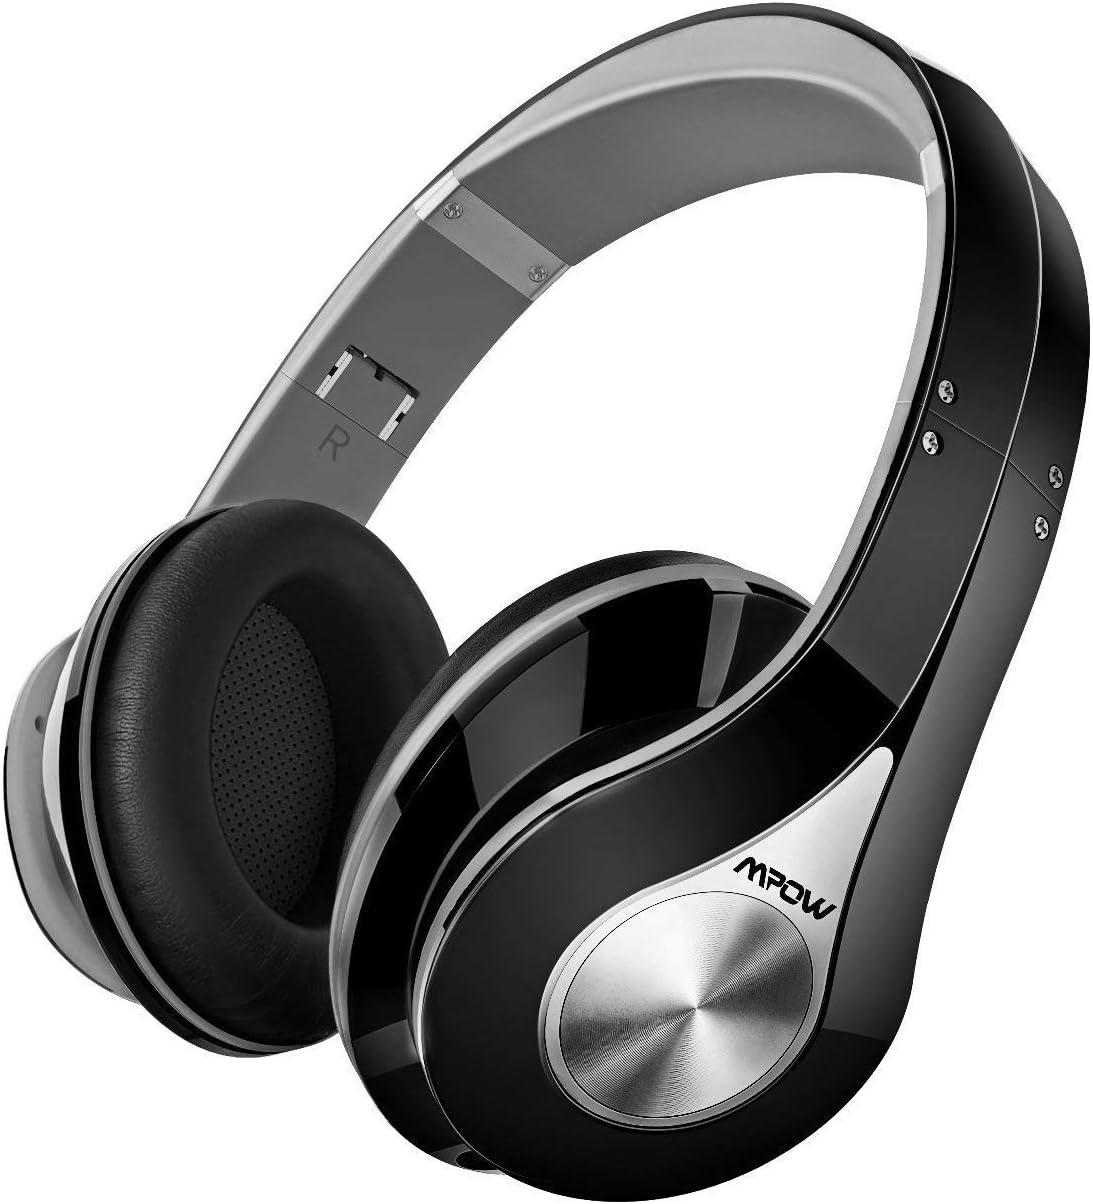 Mpow 059 Auriculares Diadema Bluetooth, 25hrs de Reproducir, Sonido Estéreo, CVC 6.0, Auriculares Diadema Inalámbricos con Micrófono, Cascos Bluetooth Diadema Plegable para TV, PC, Móvil, Gris